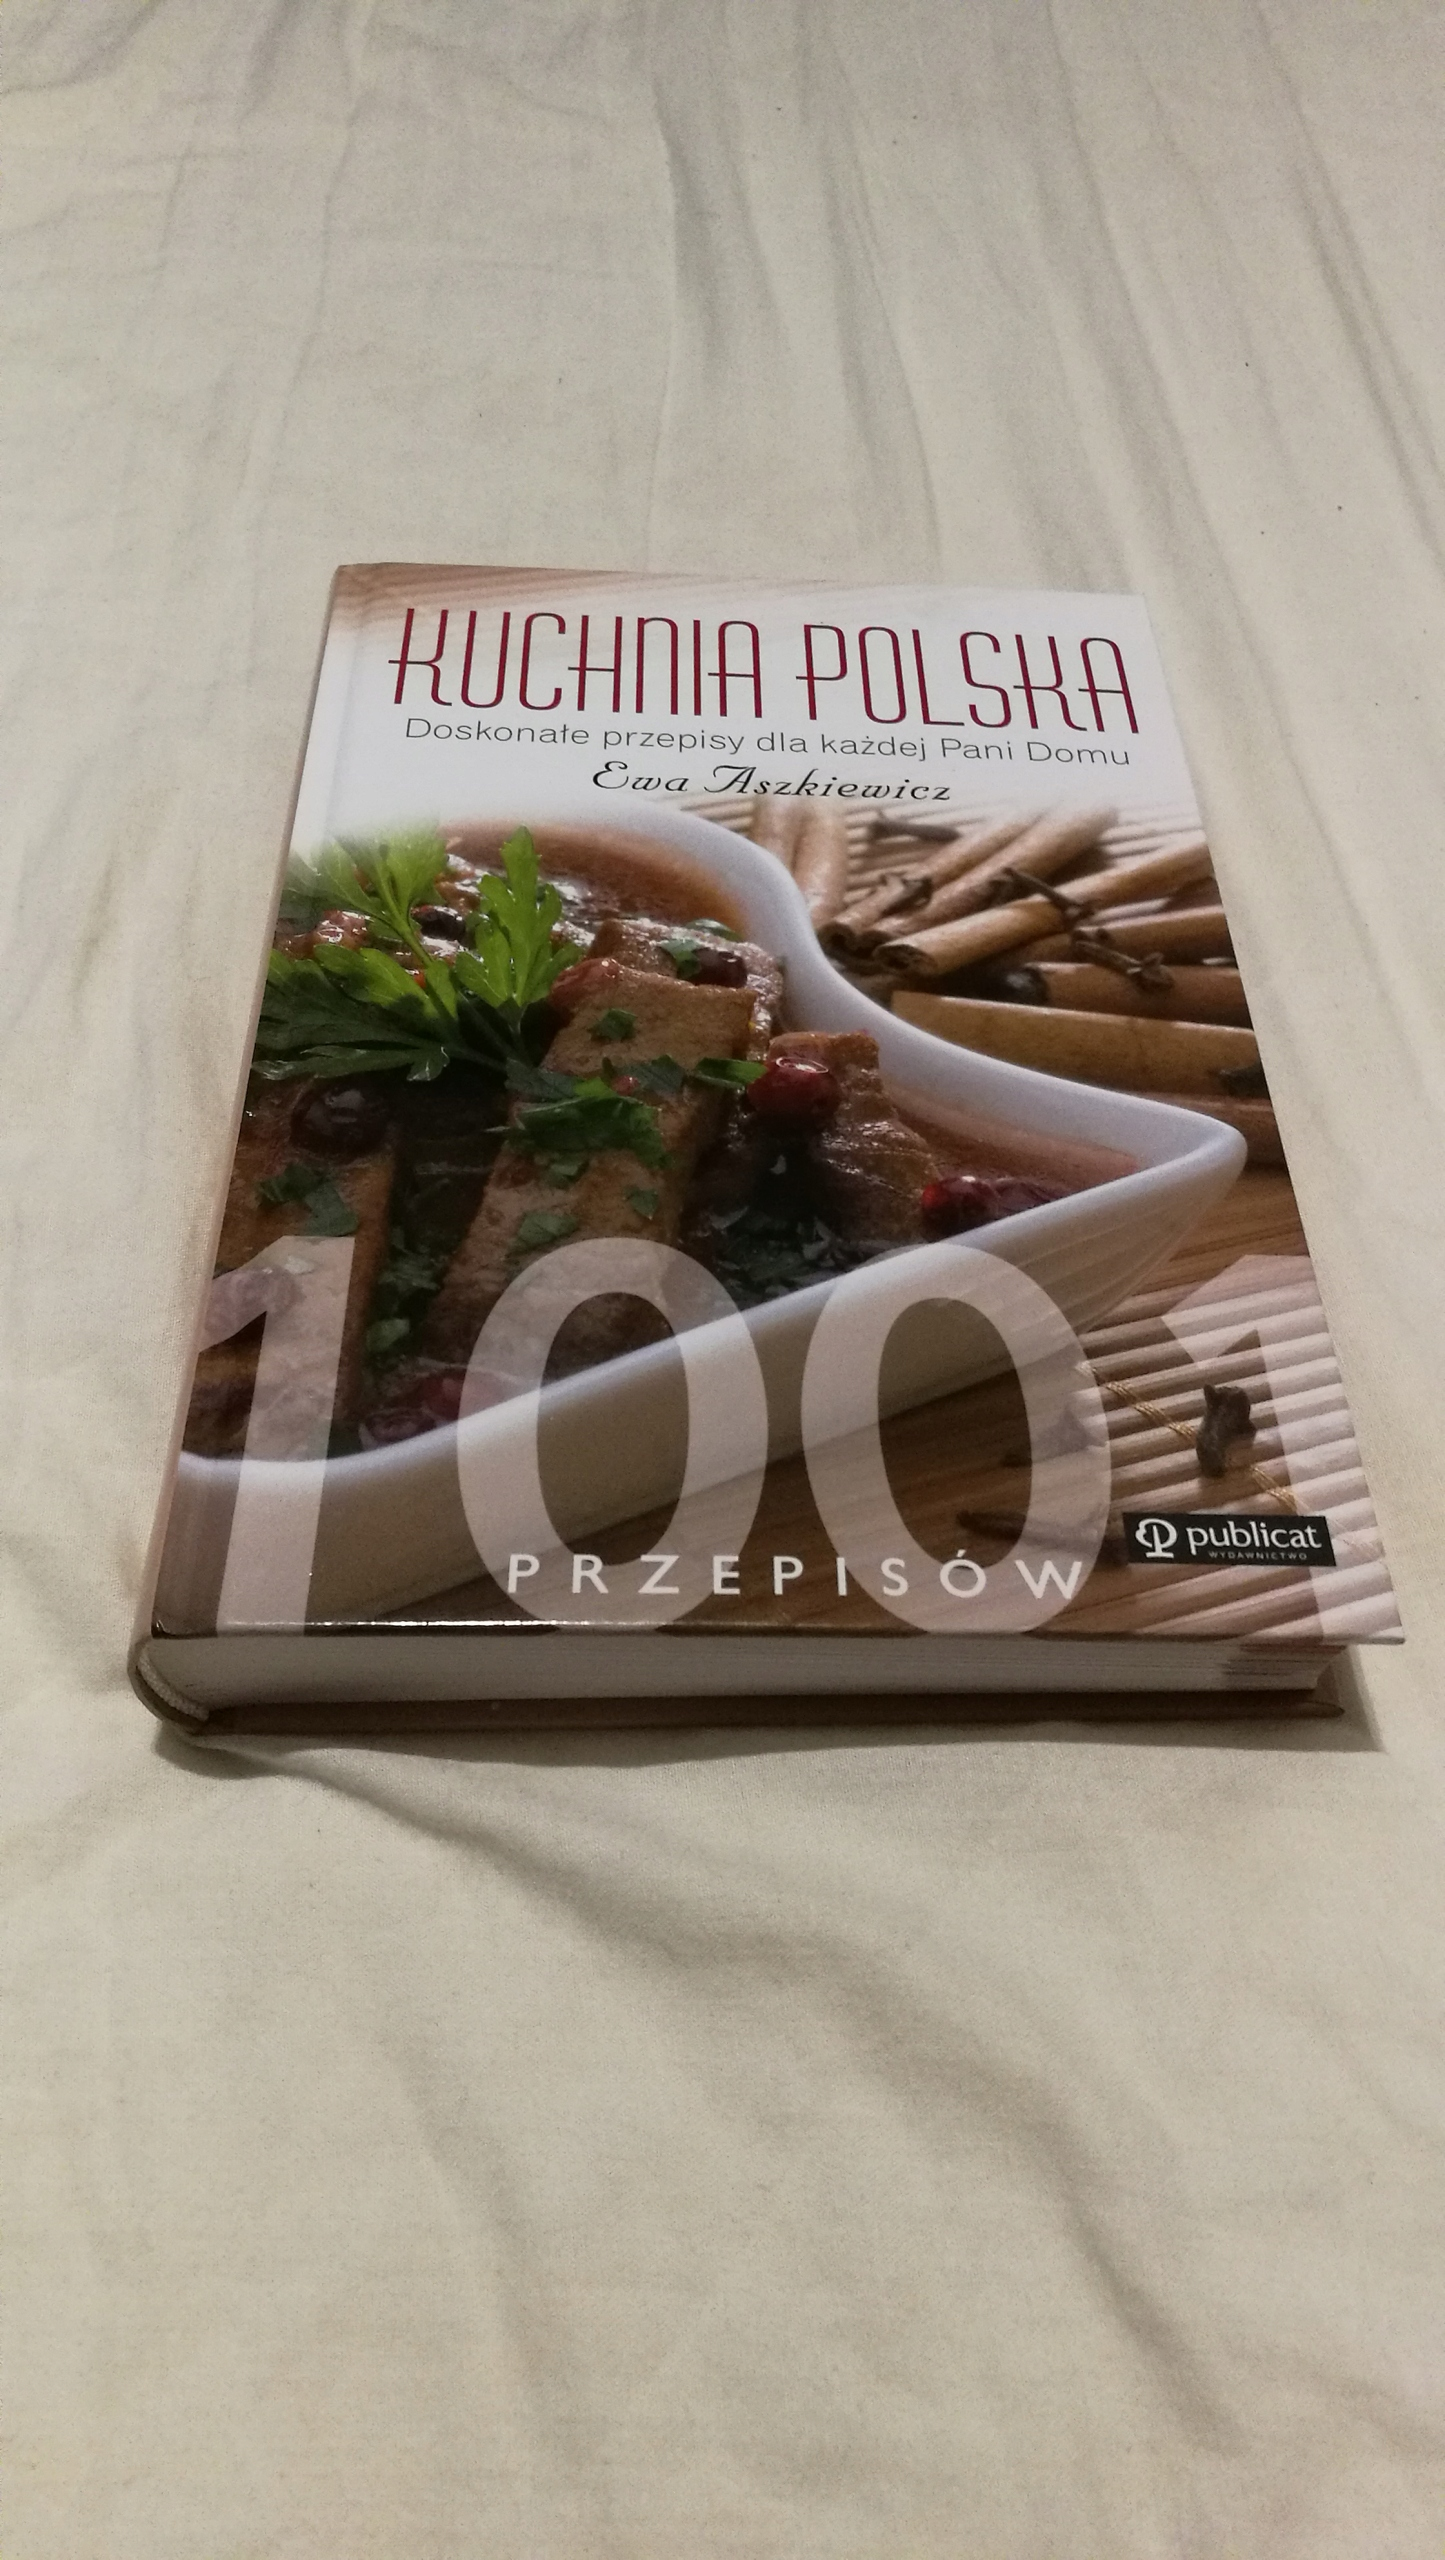 Kuchnia Polska 1001 Przepisów Ewa Aszkiewicz 7863175215